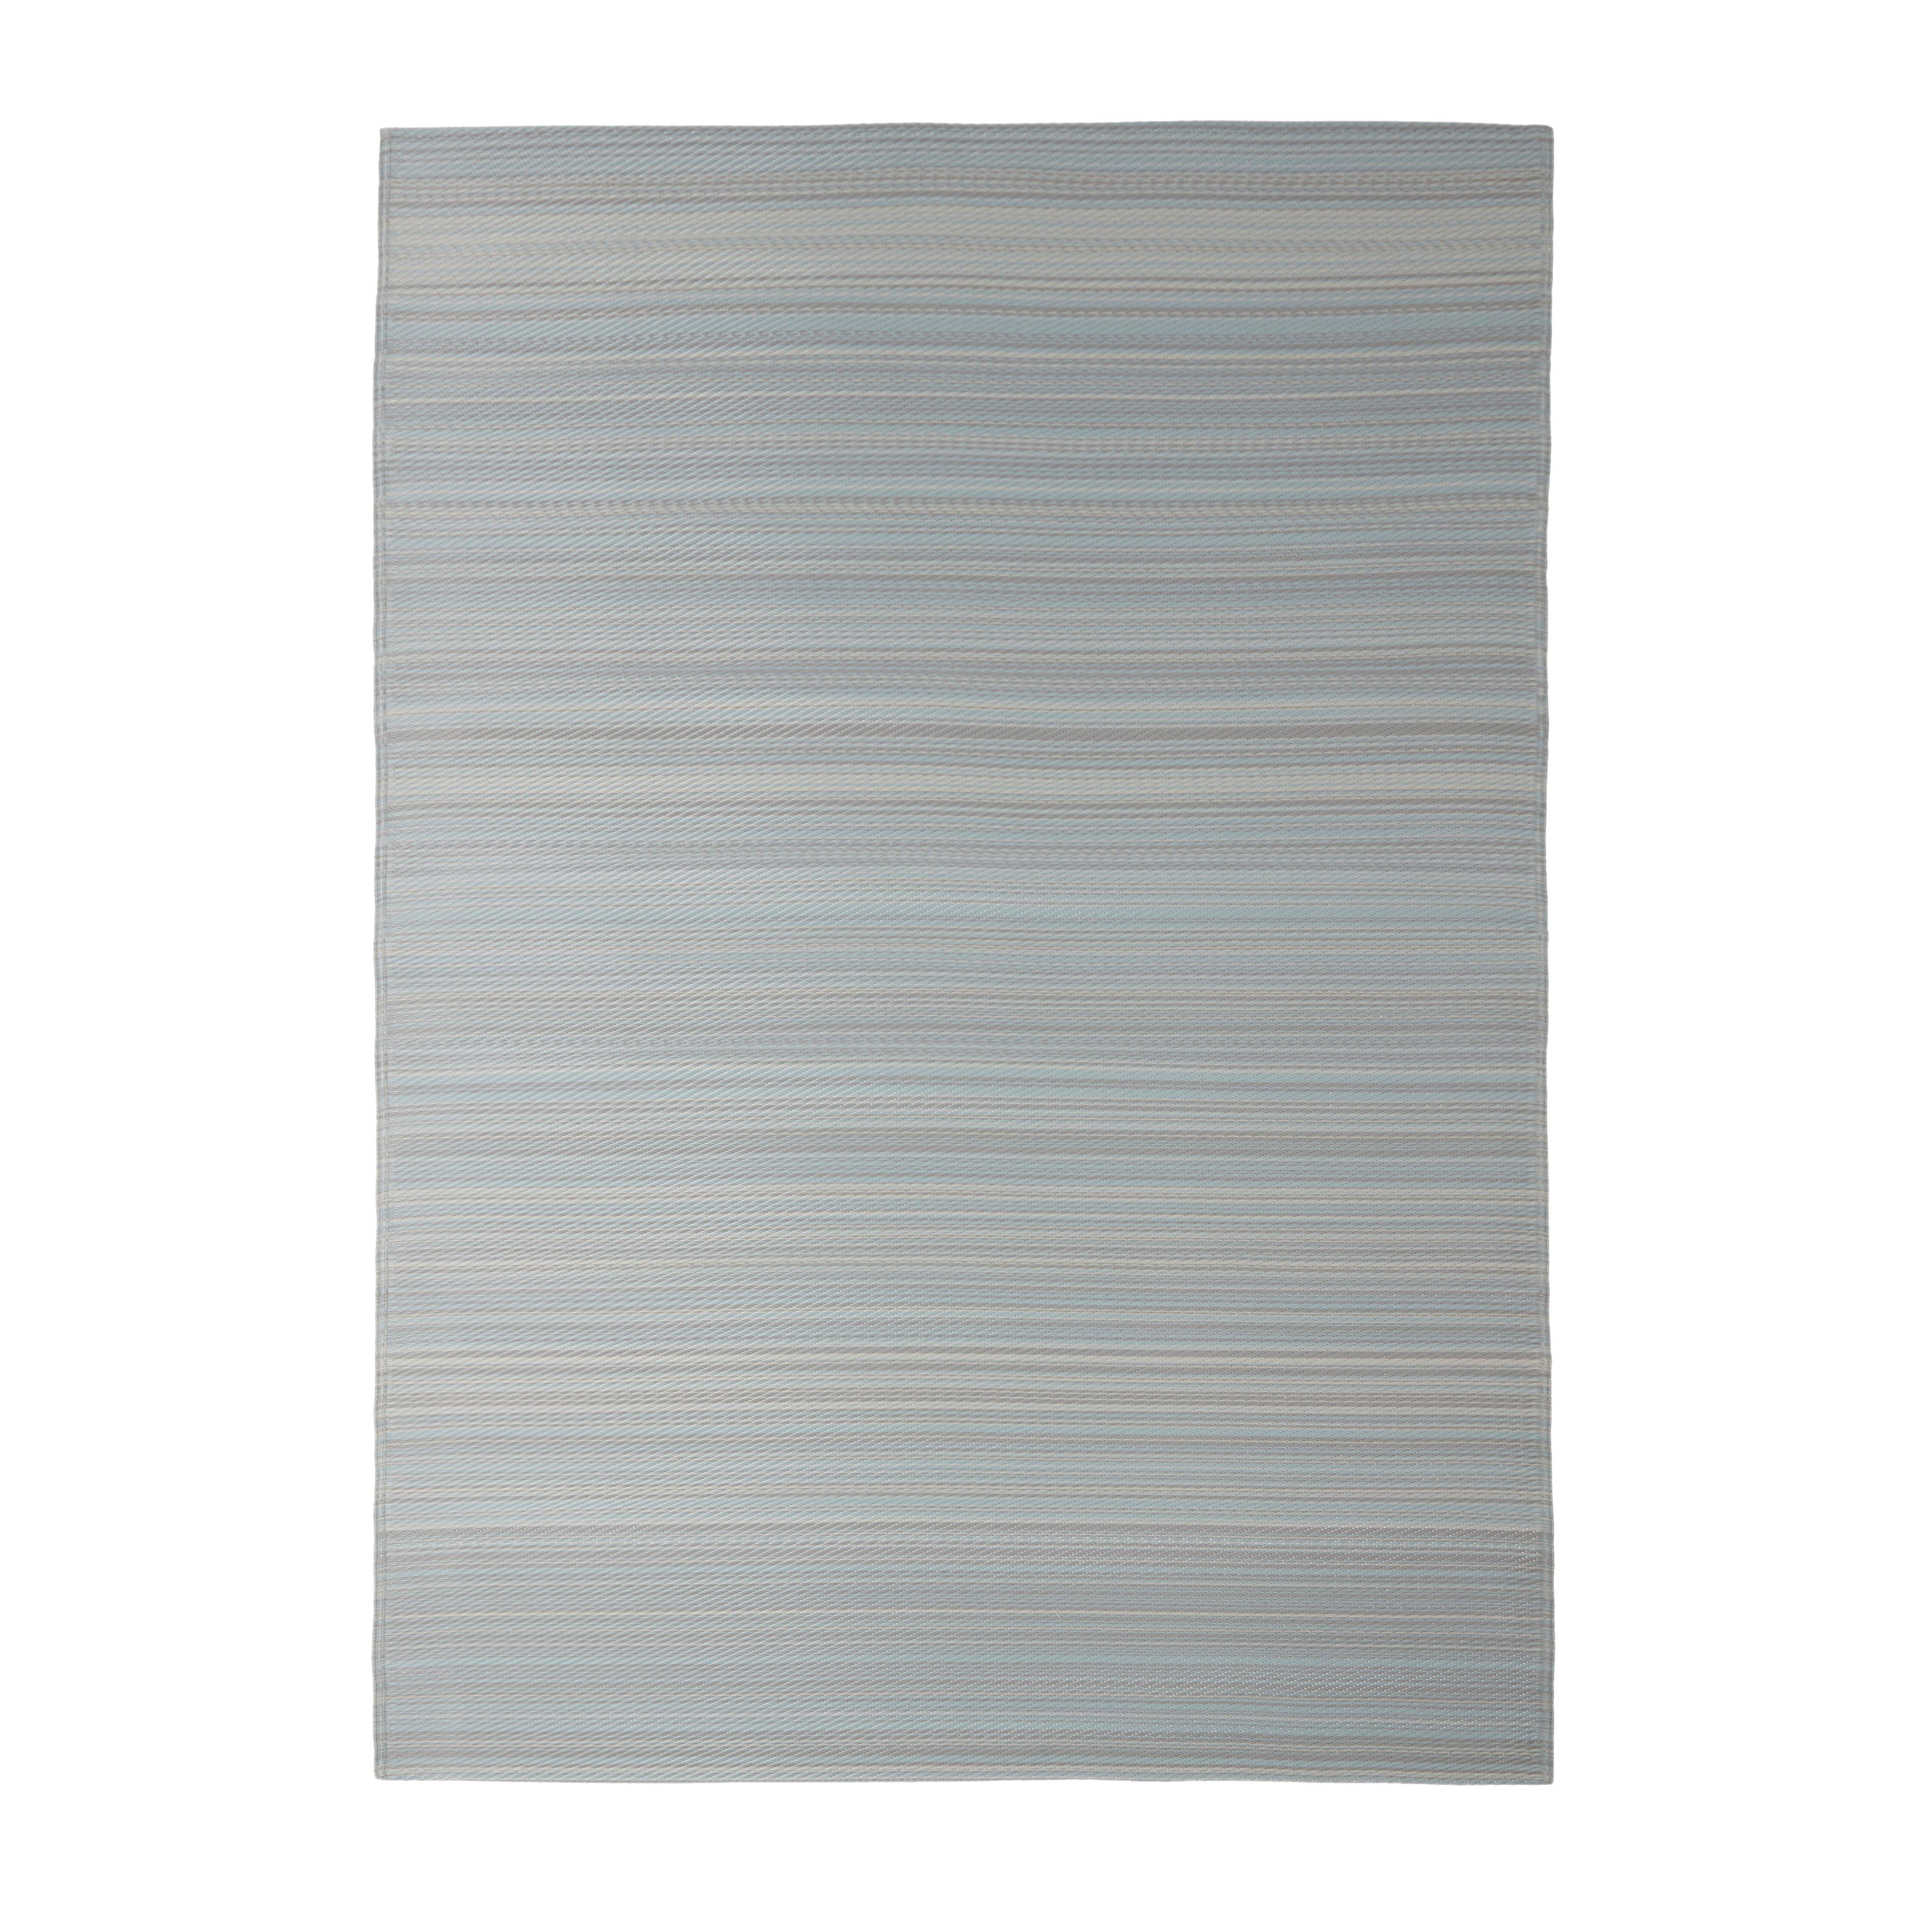 Blooma Striped Grey Rug L 2 3m W 1 6m